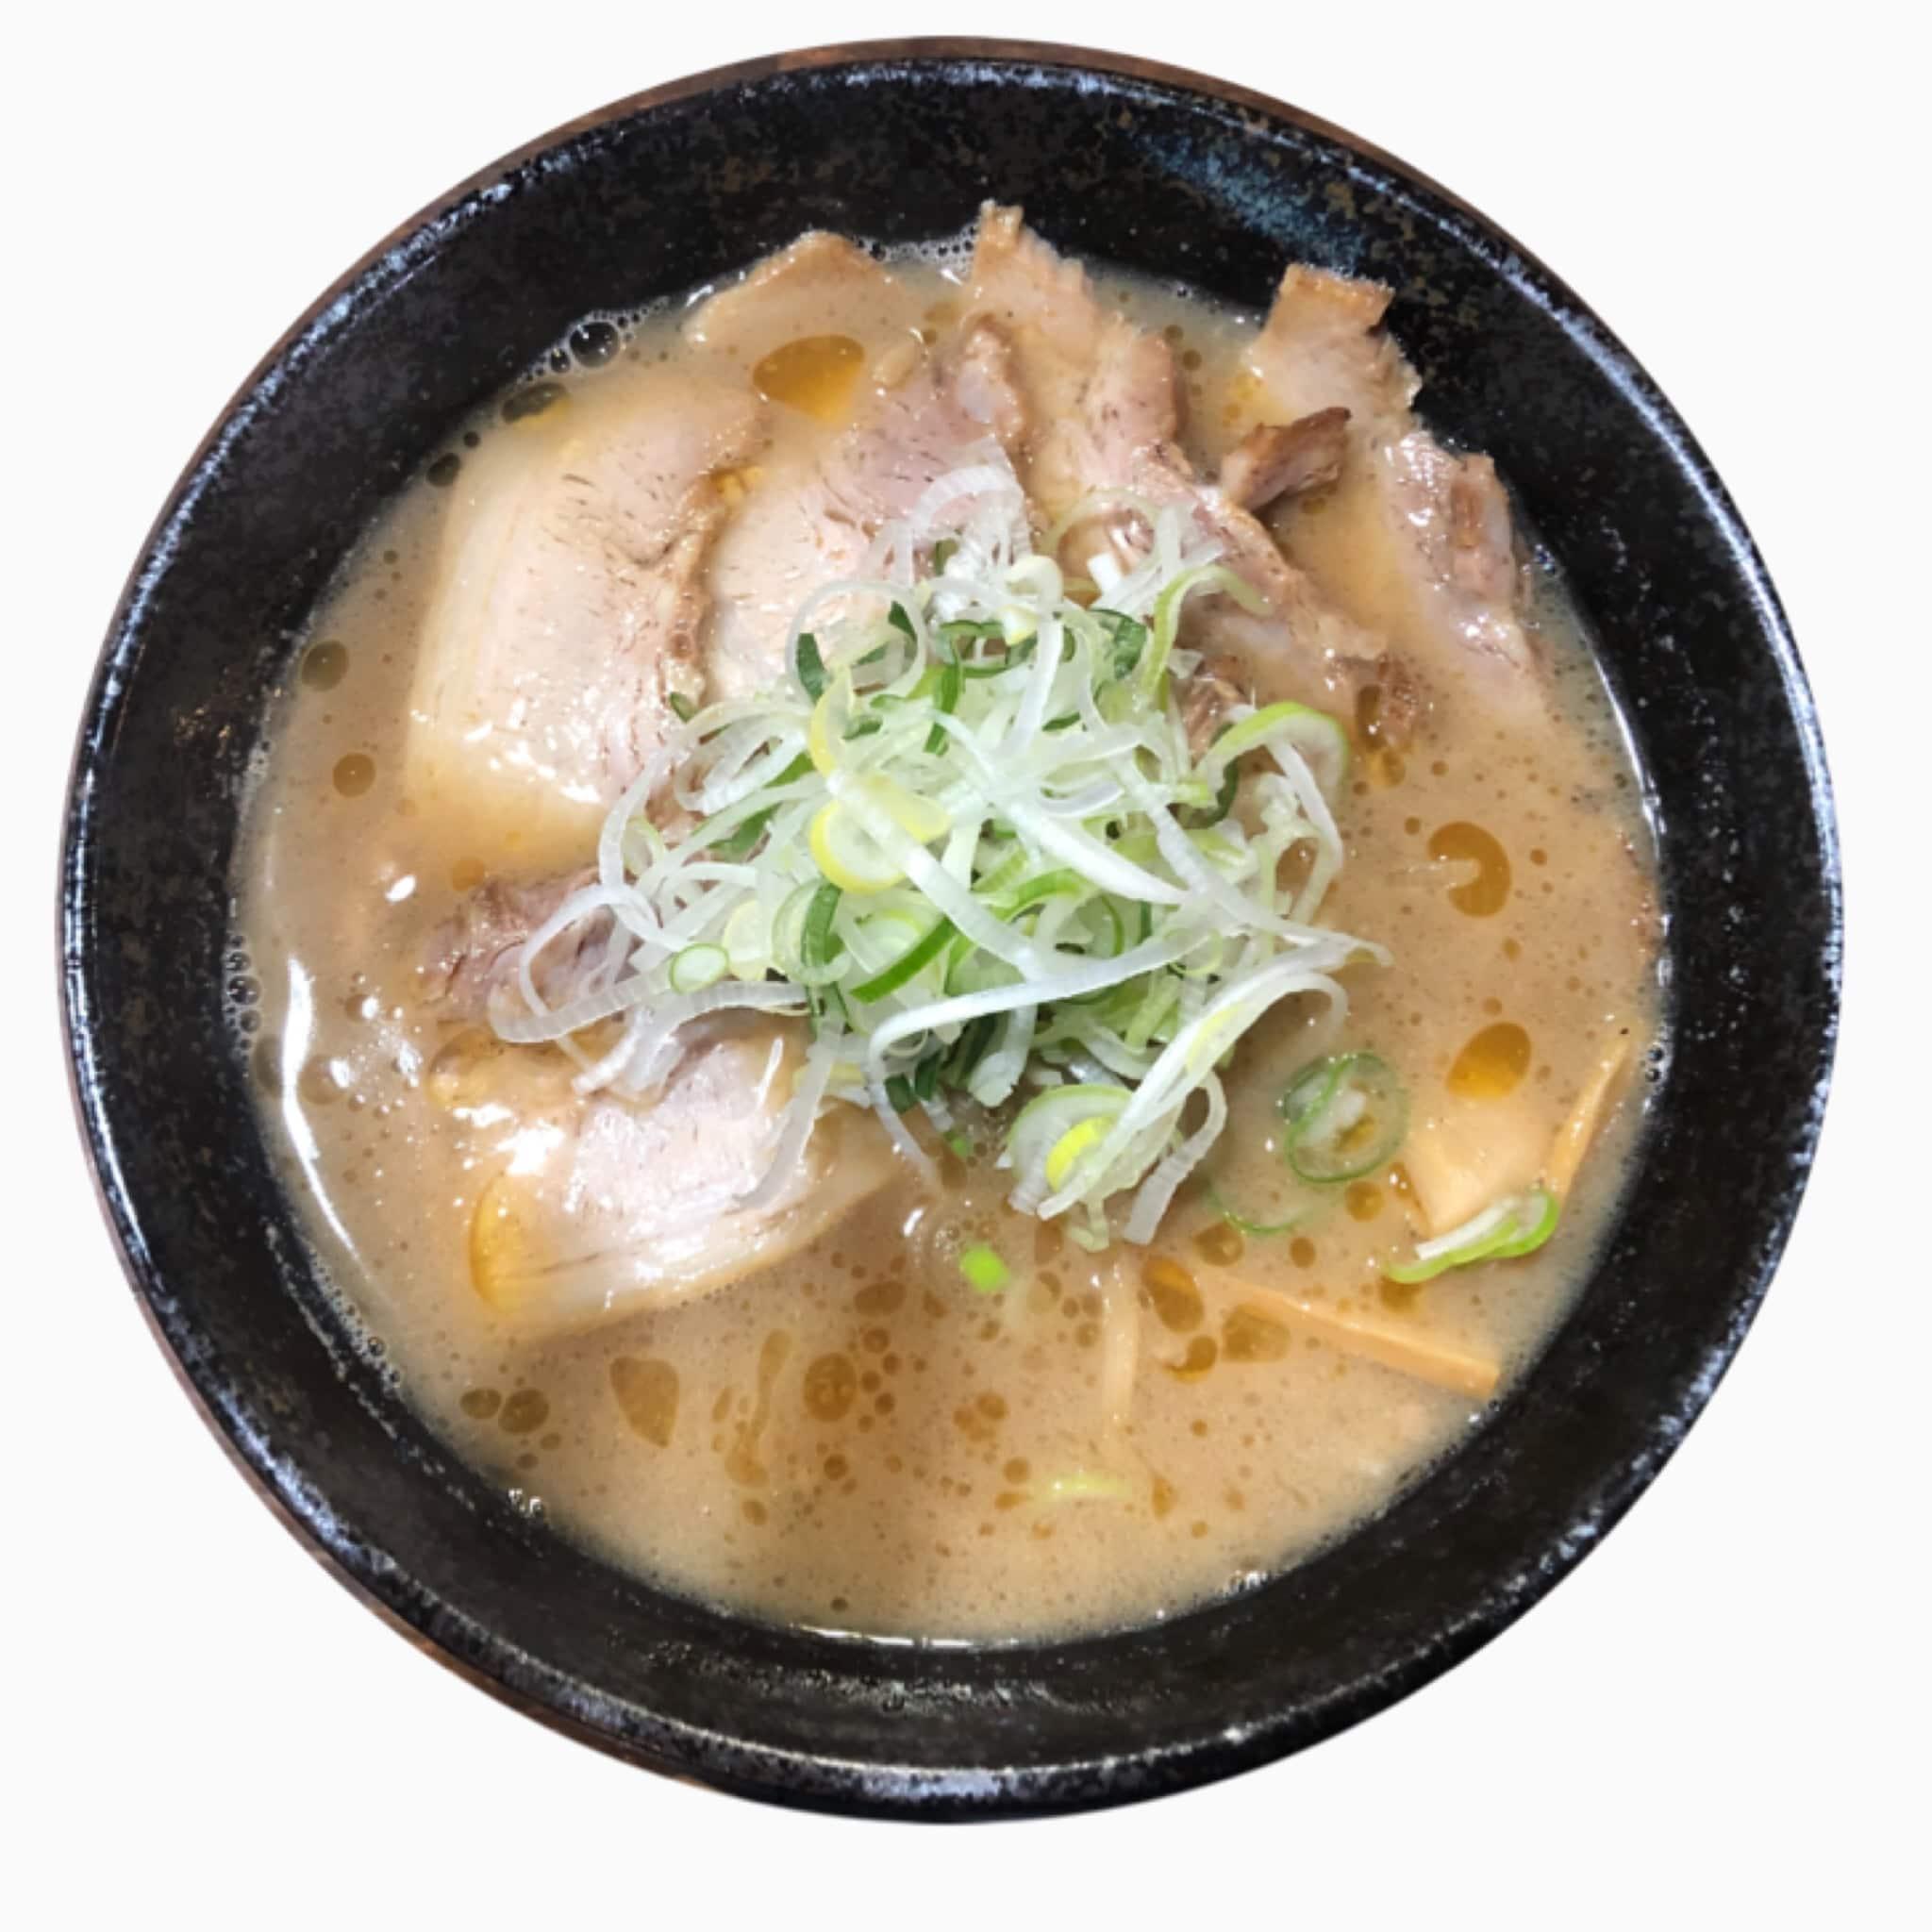 炙りチャーシュー麺のイメージその1